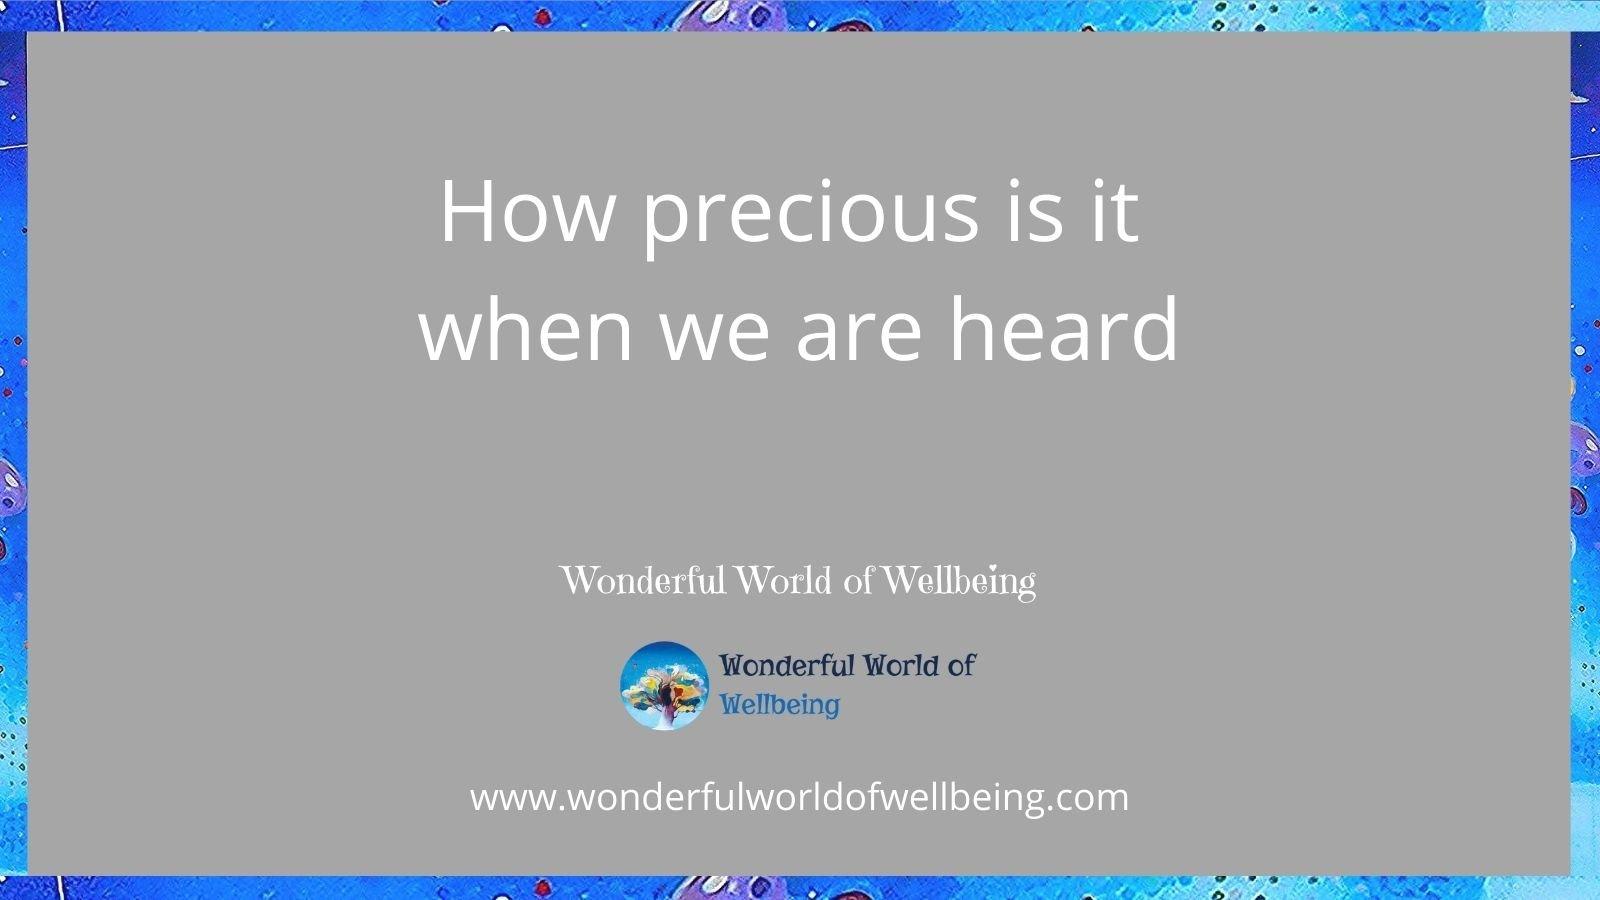 to be heard wonderful world of wellbeing jpeg